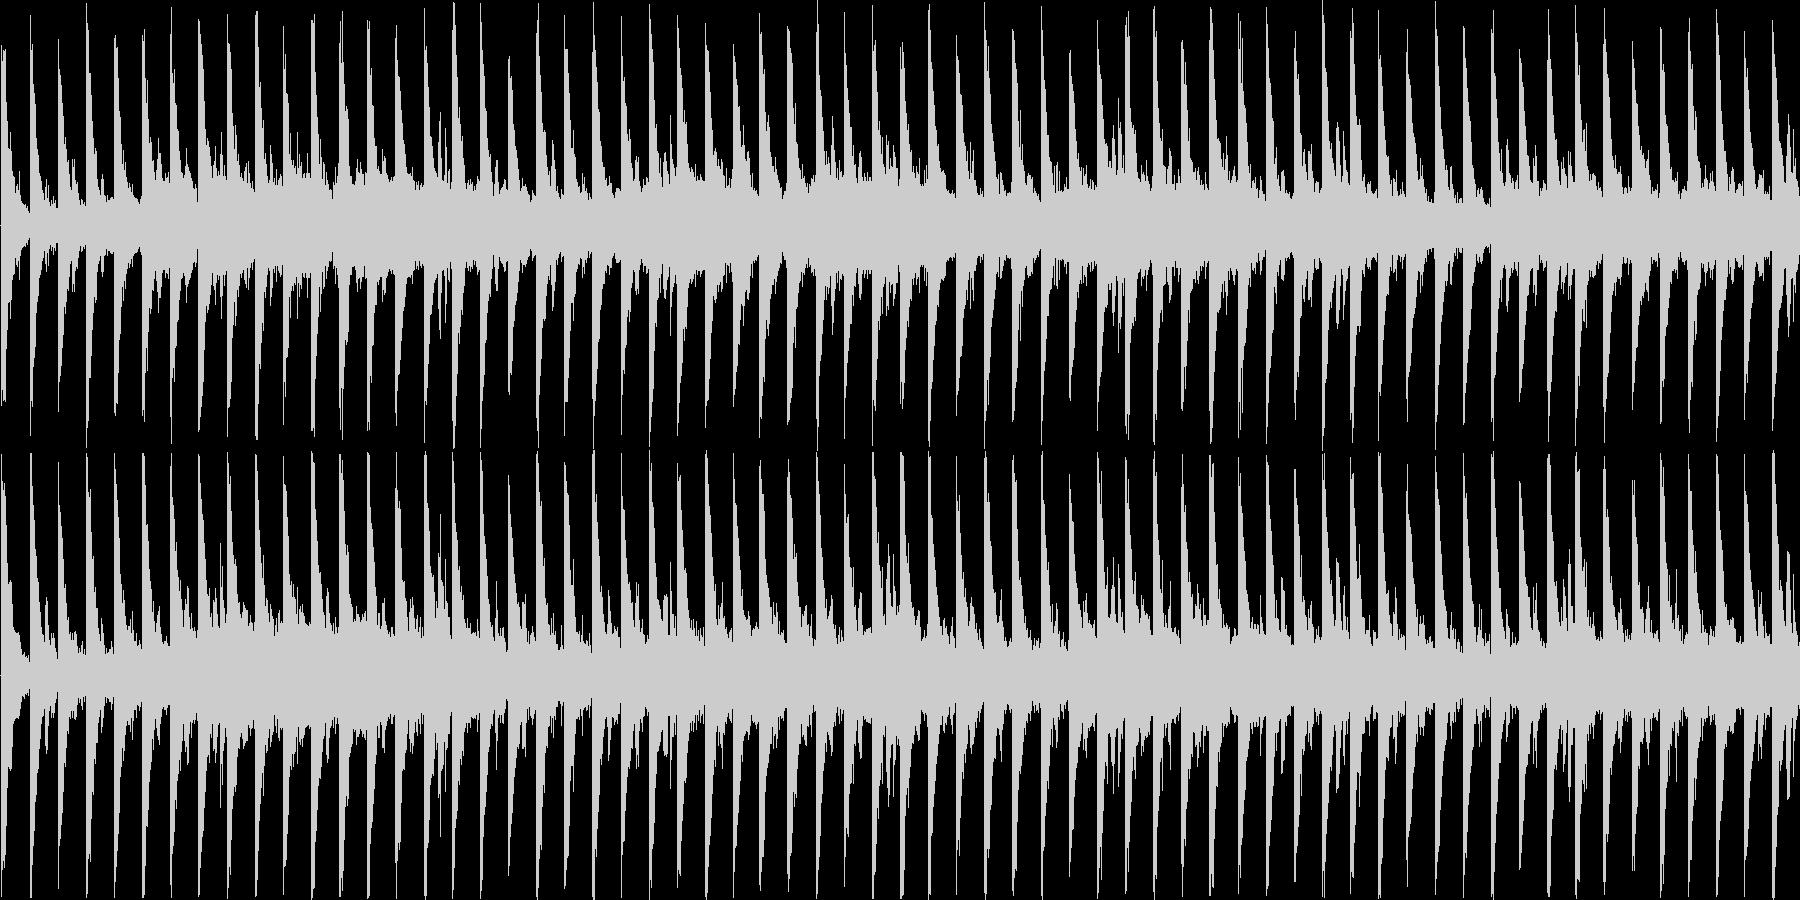 ループ対応のテクノを強く意識した楽曲の未再生の波形